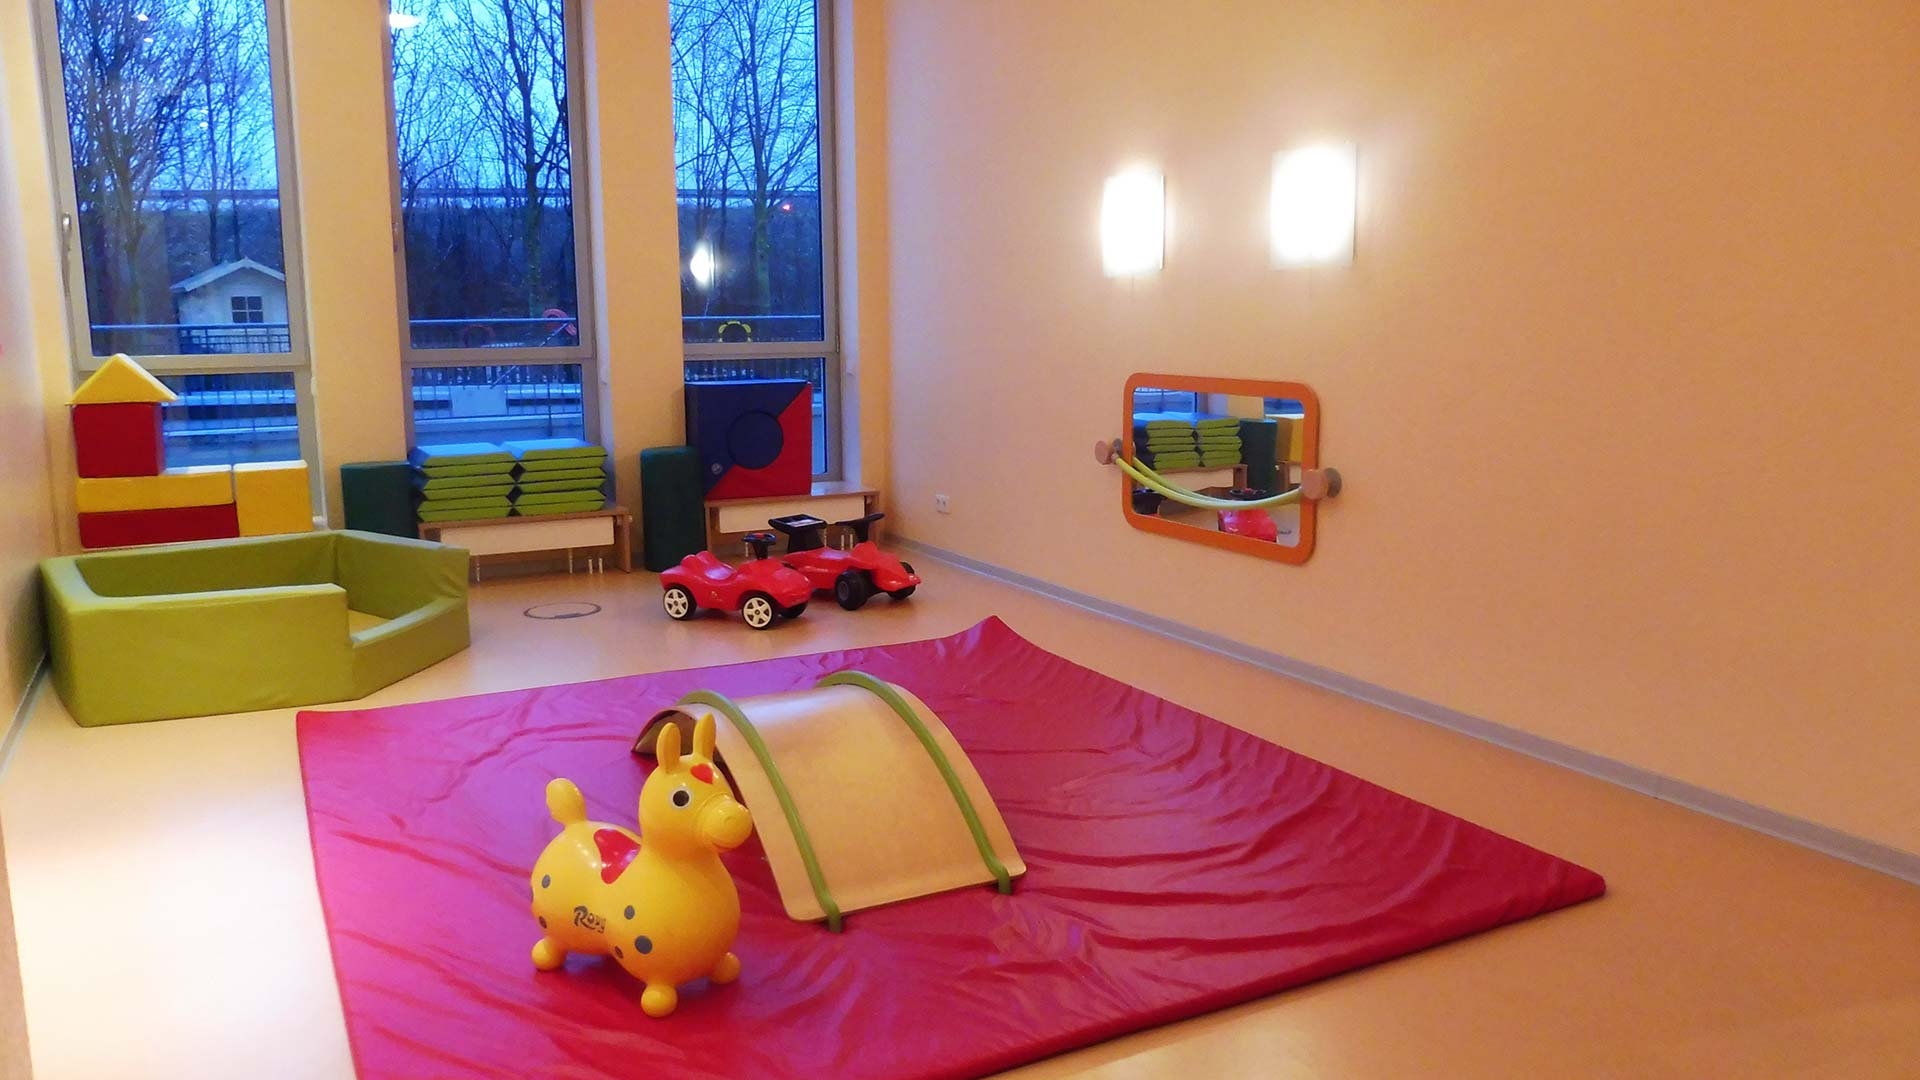 Spielzimmer mit Turnmatte und Spielzeug für die Kleinen